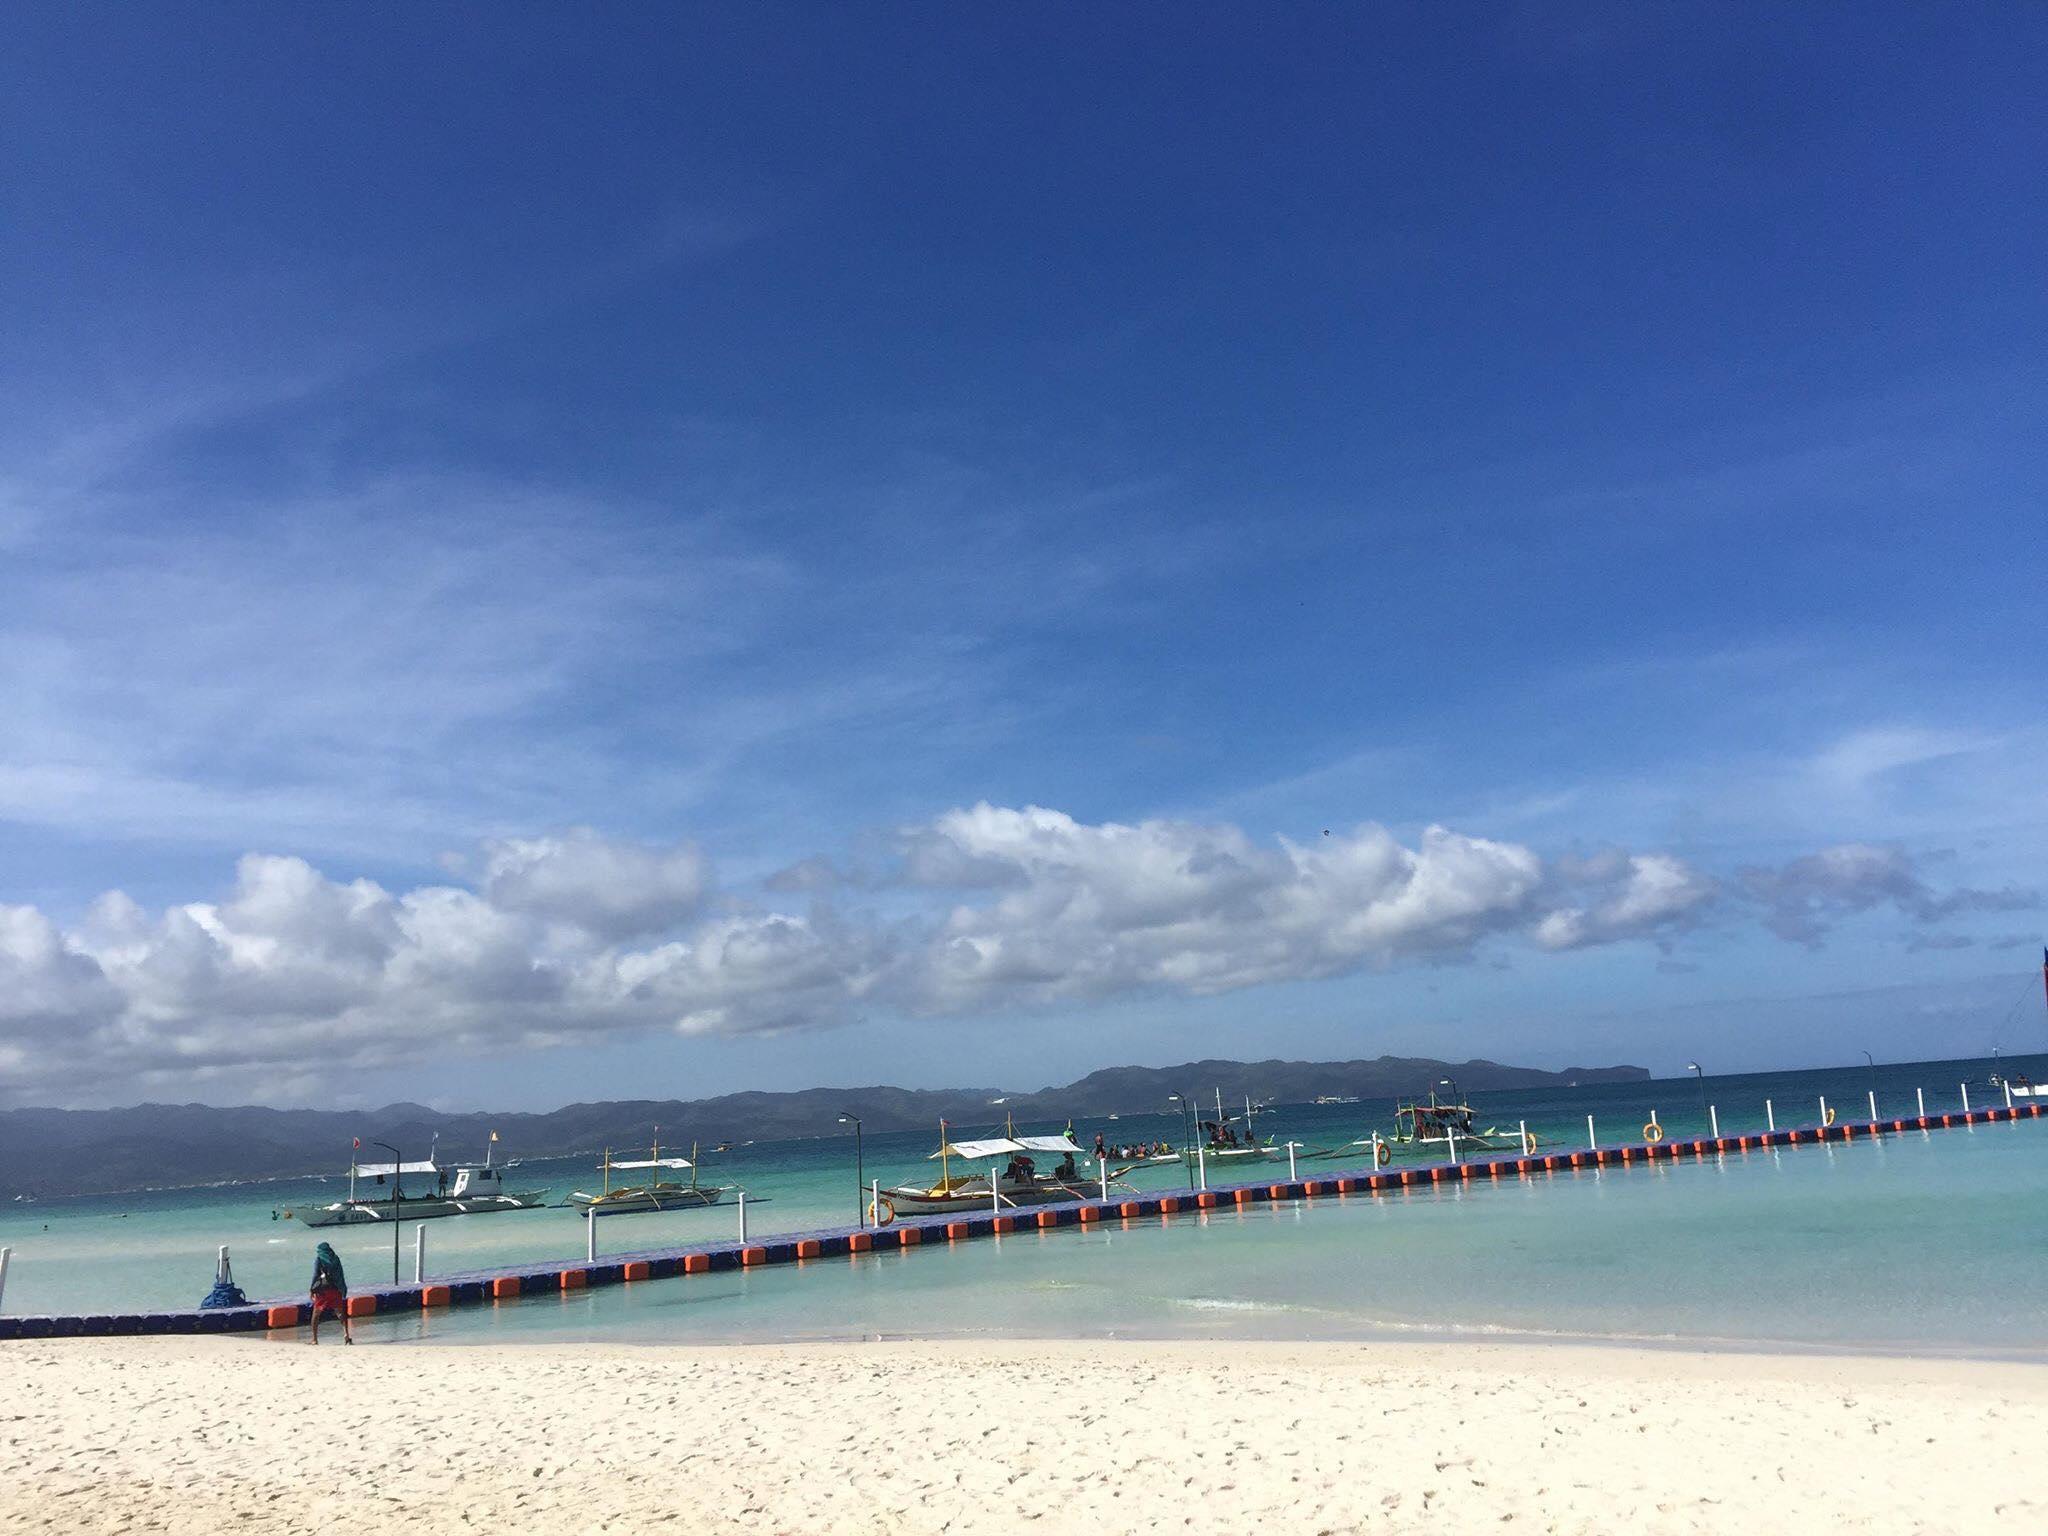 Từ bãi biển ngập ngụa rác, Boracay đã khiến nhiều người kinh ngạc vì sự thay đổi này Ảnh 4